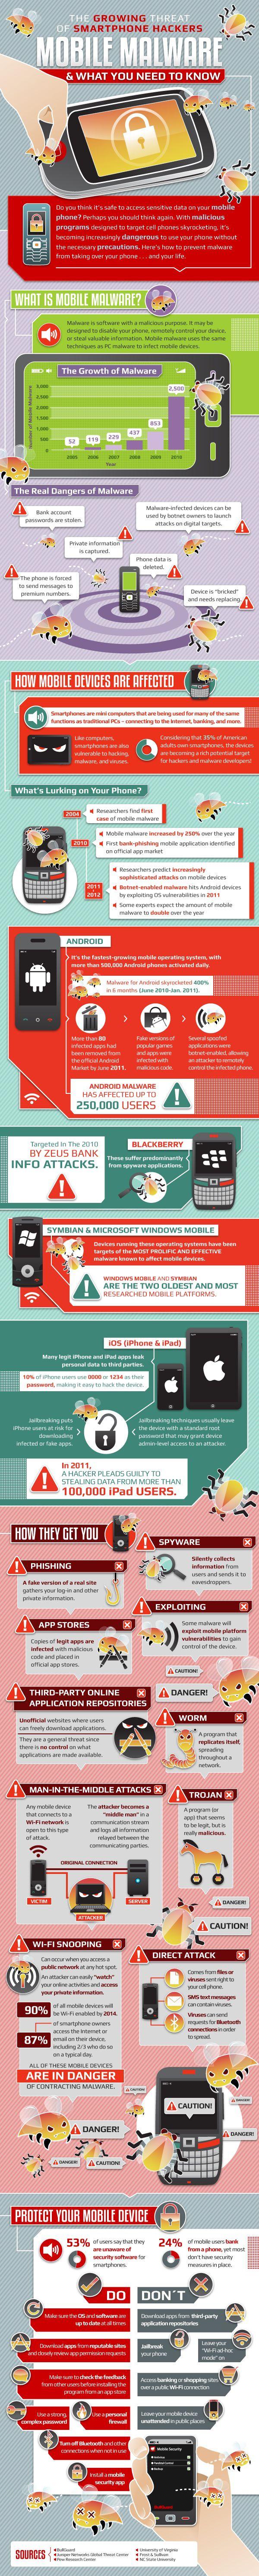 Najboljše brezplačne aplikacije za Android telefone in tablice Android-Malware-Infographic